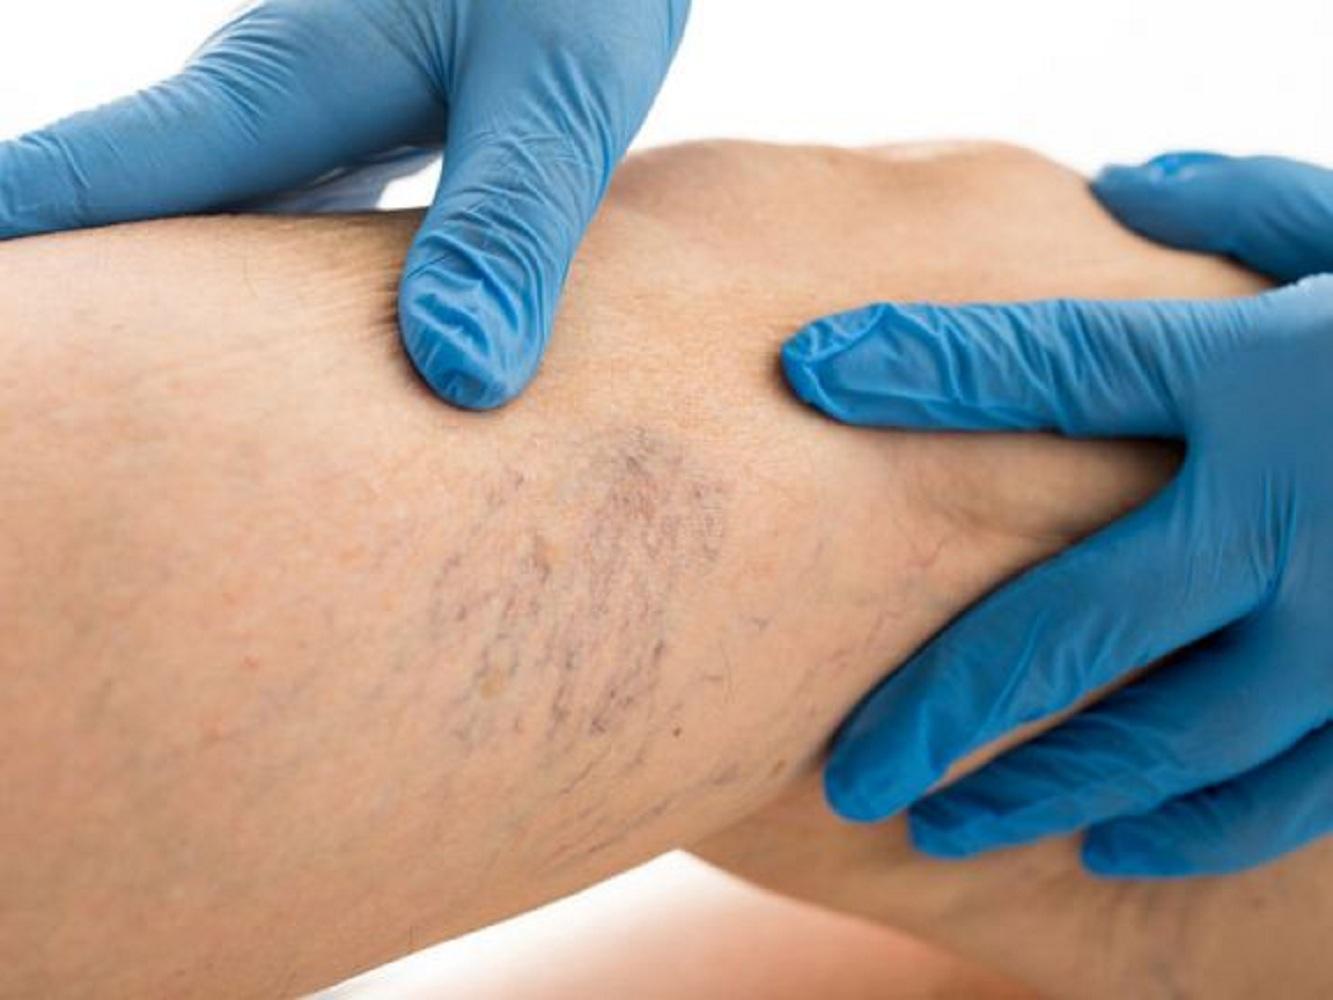 hogyan lehet megszabadulni a visszér recept hogyan lehet otthon gyógyítani a visszerek a lábakon